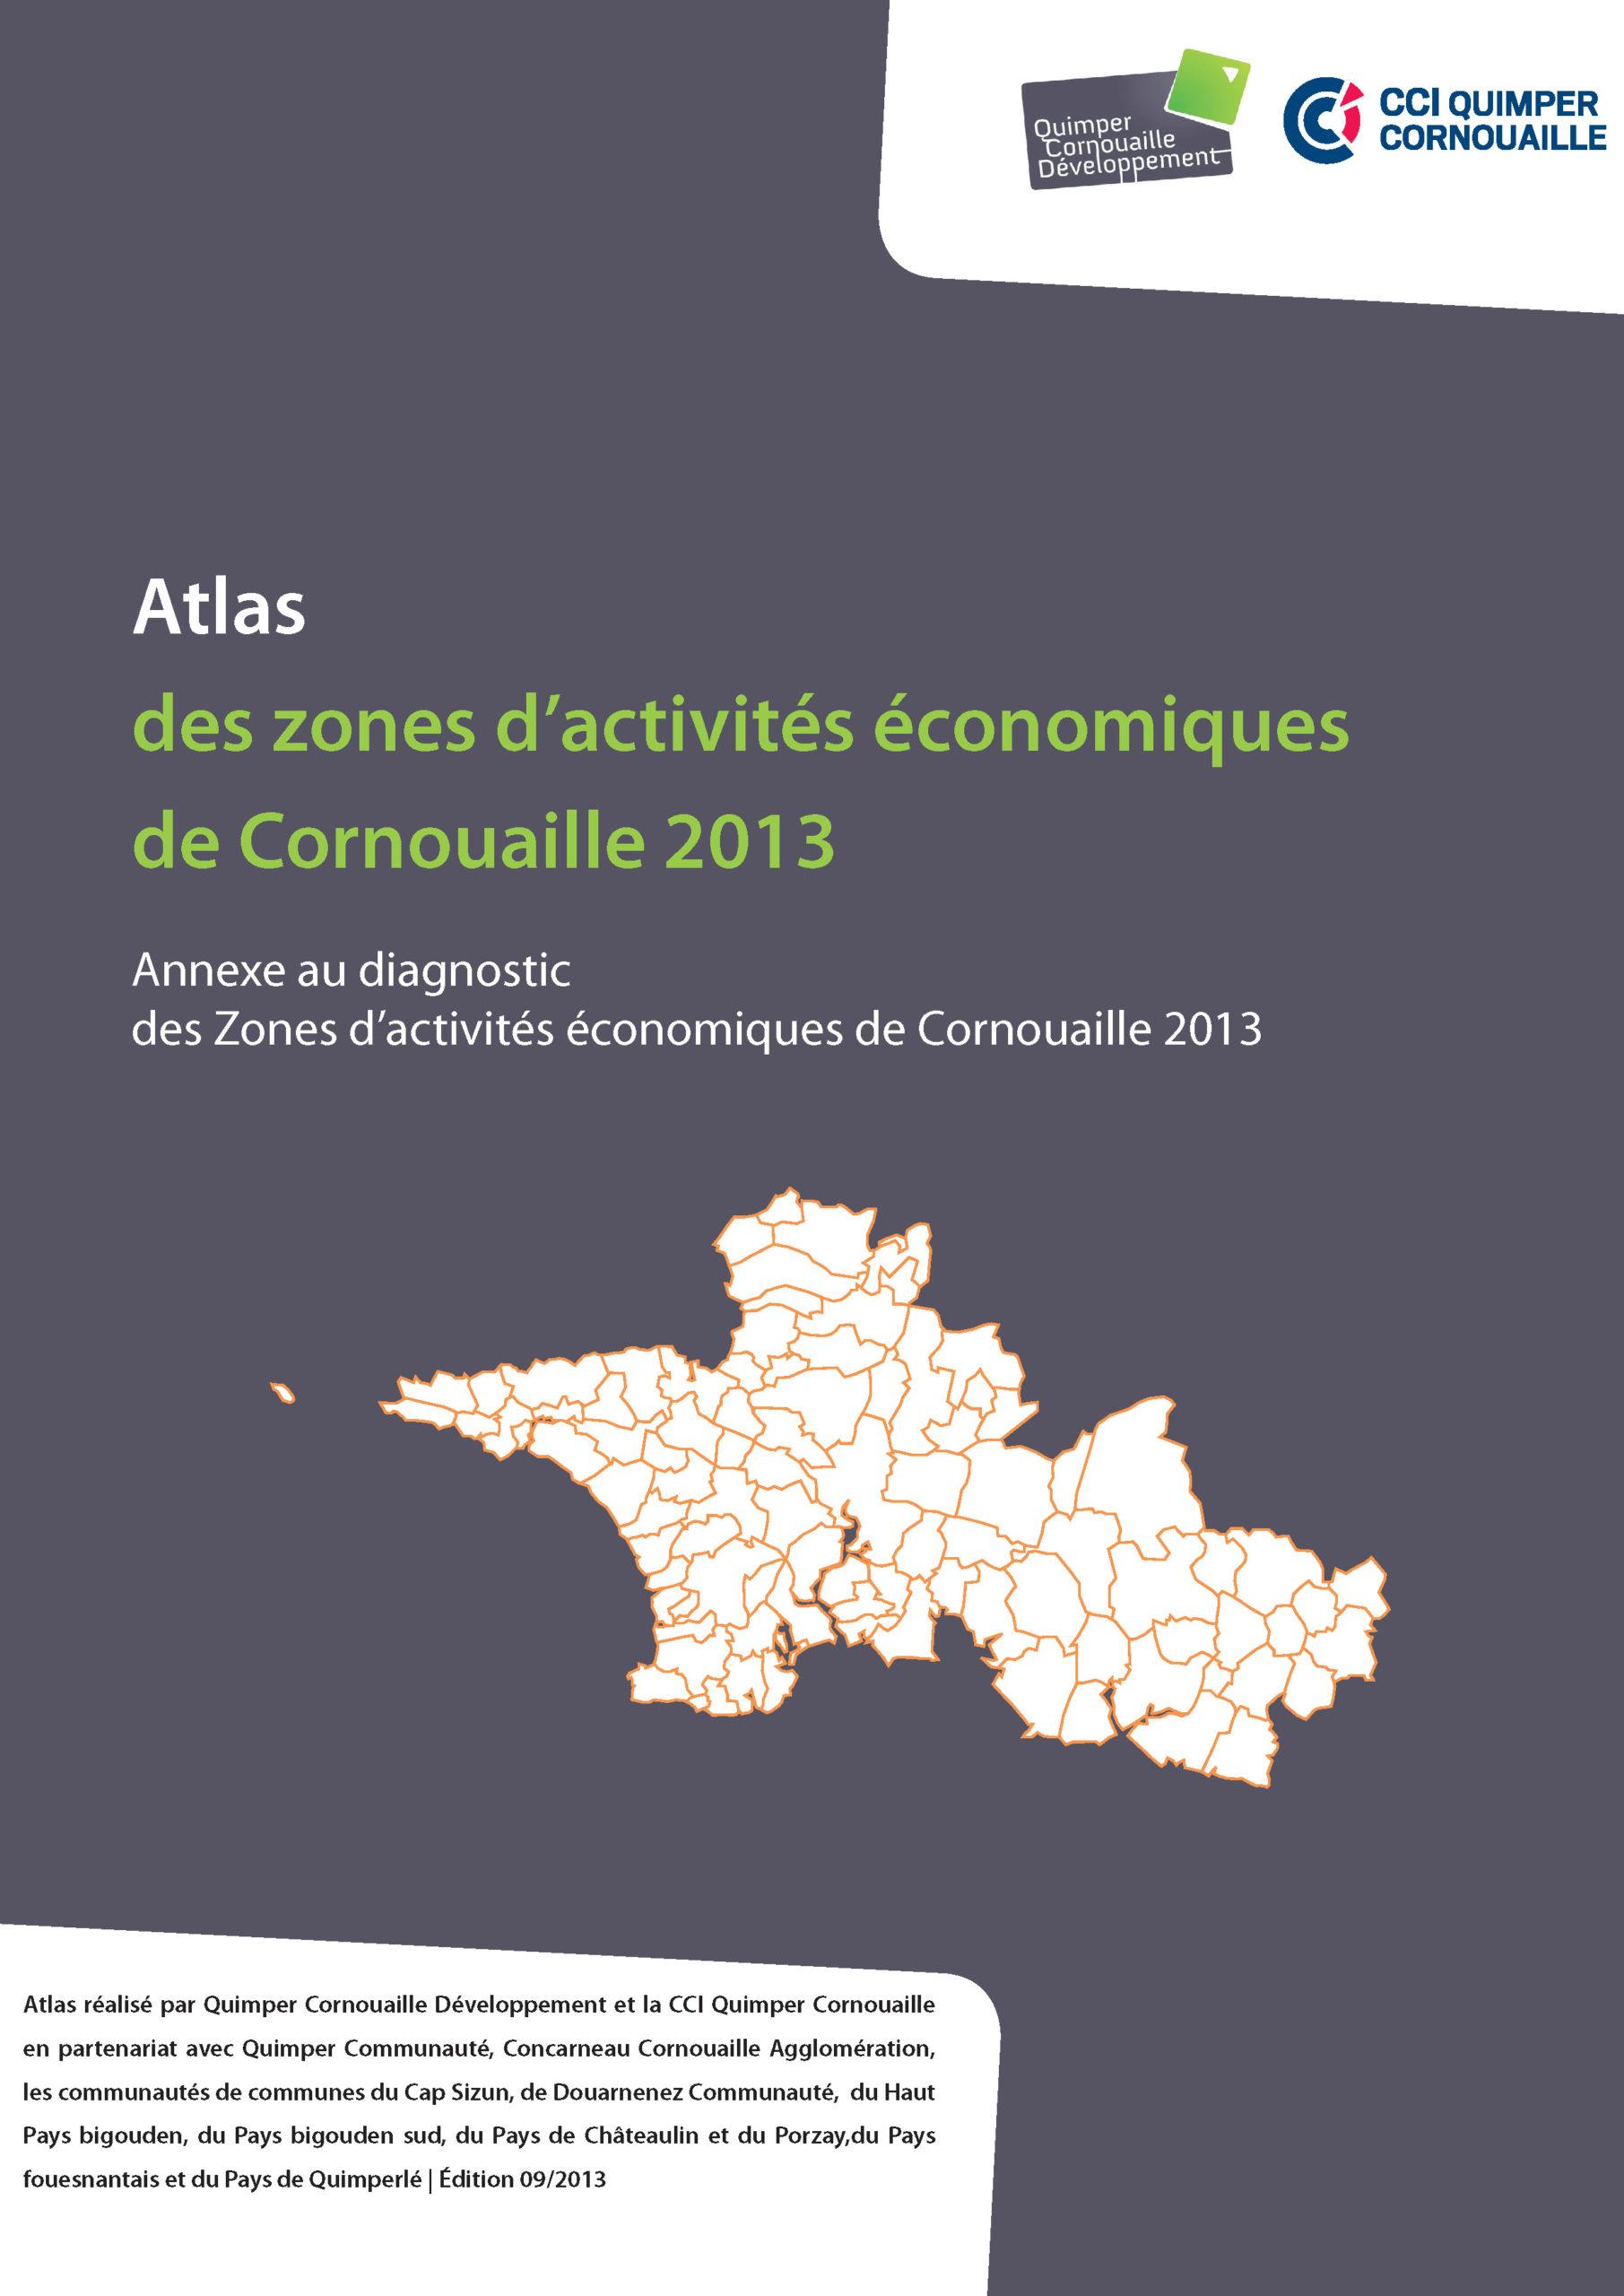 Atlas des Zones d'activités économiques de Cornouaille 2013